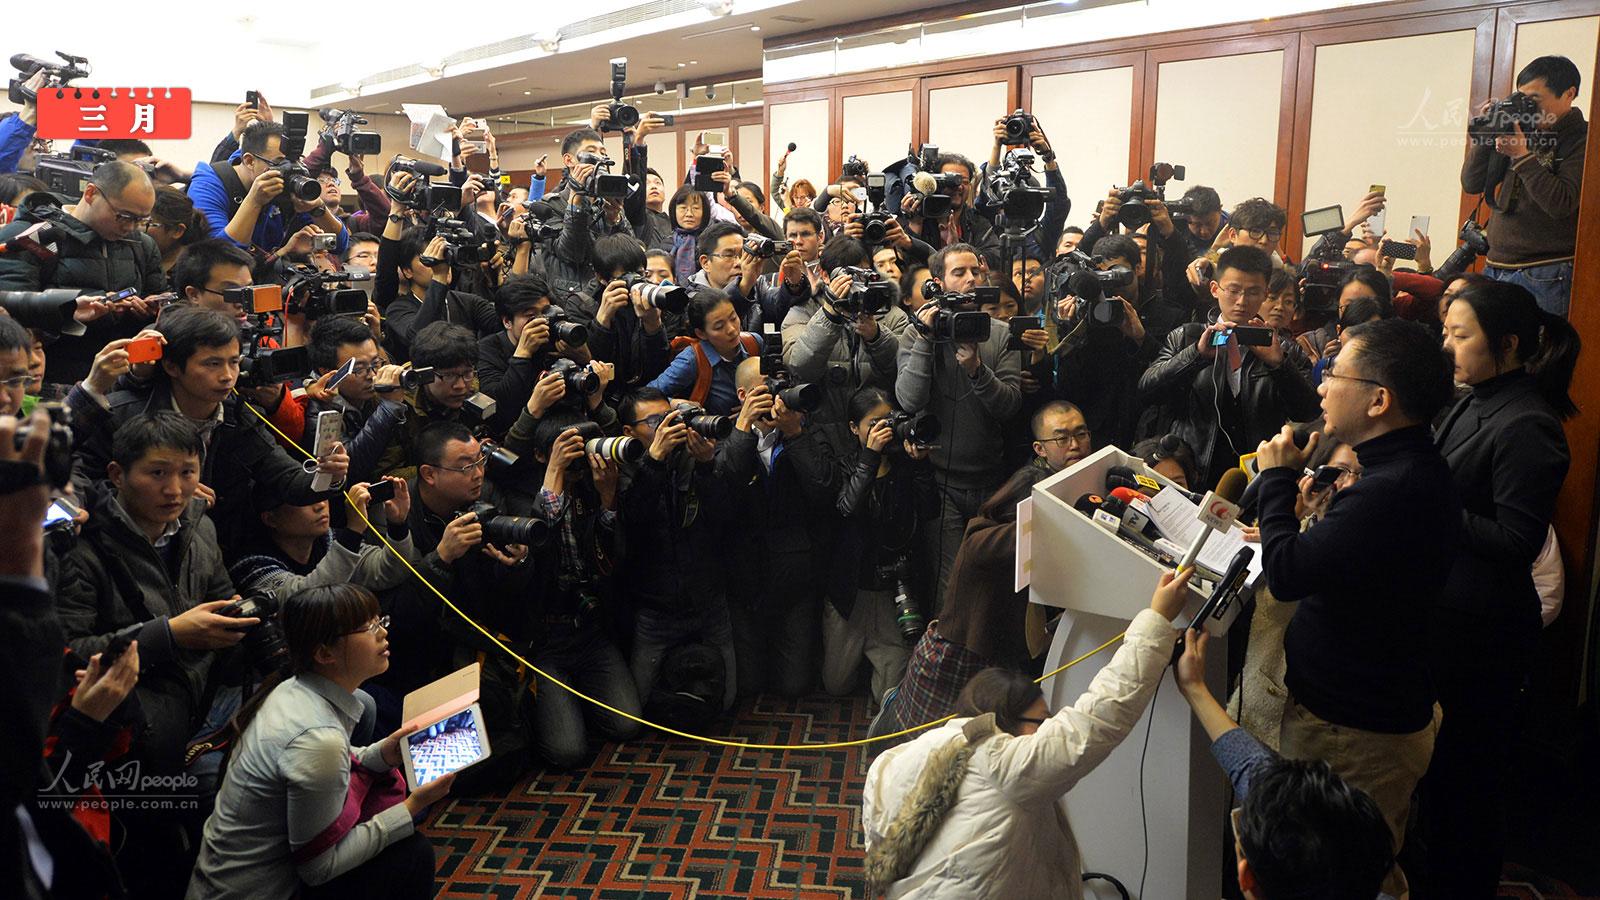 北京/3月8日,马来西亚航空公司在北京丽都饭店就失联航班召开记者会...